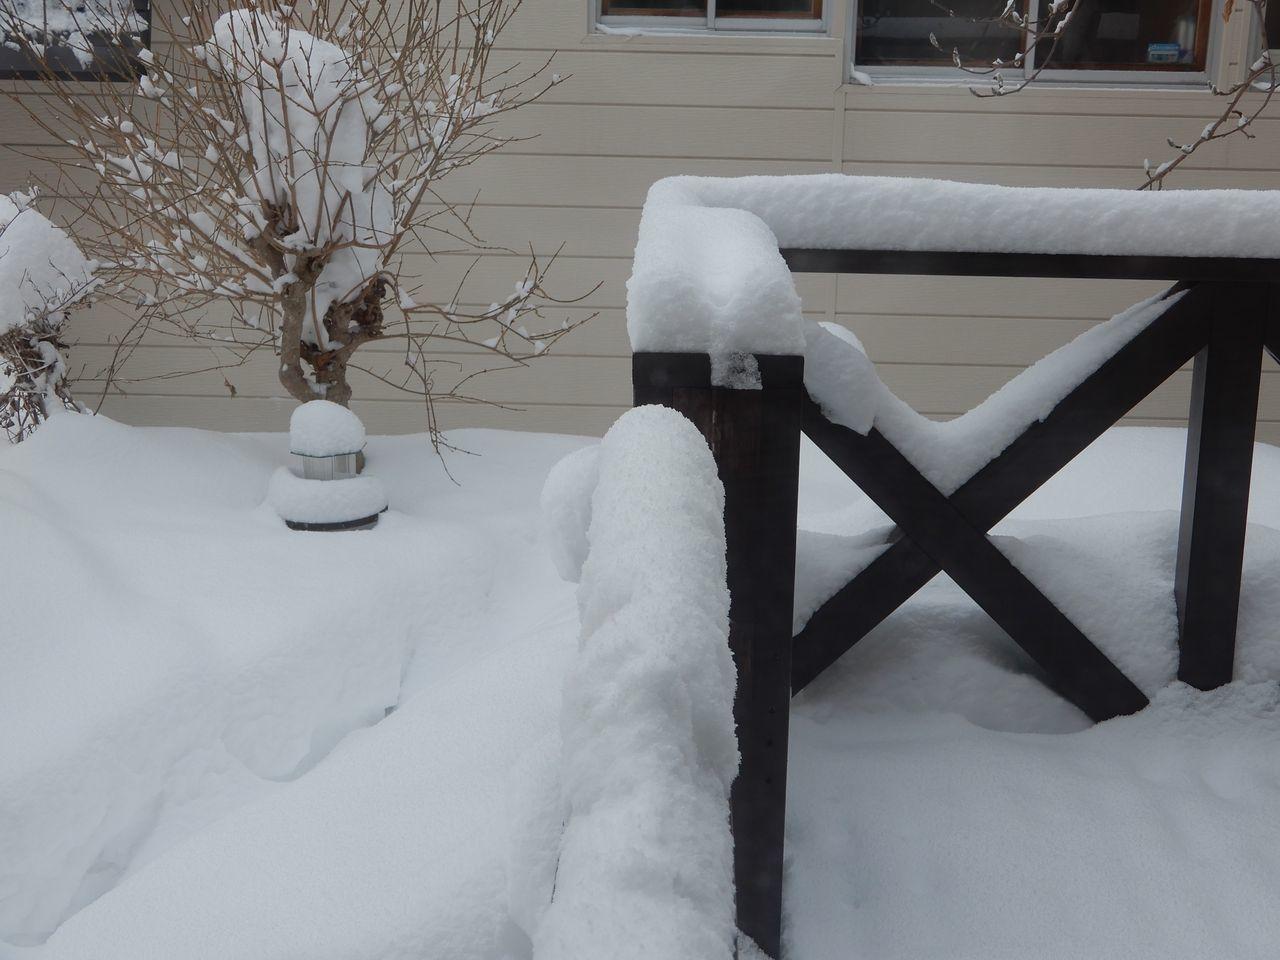 この冬の底は抜けたようですが_c0025115_22164654.jpg